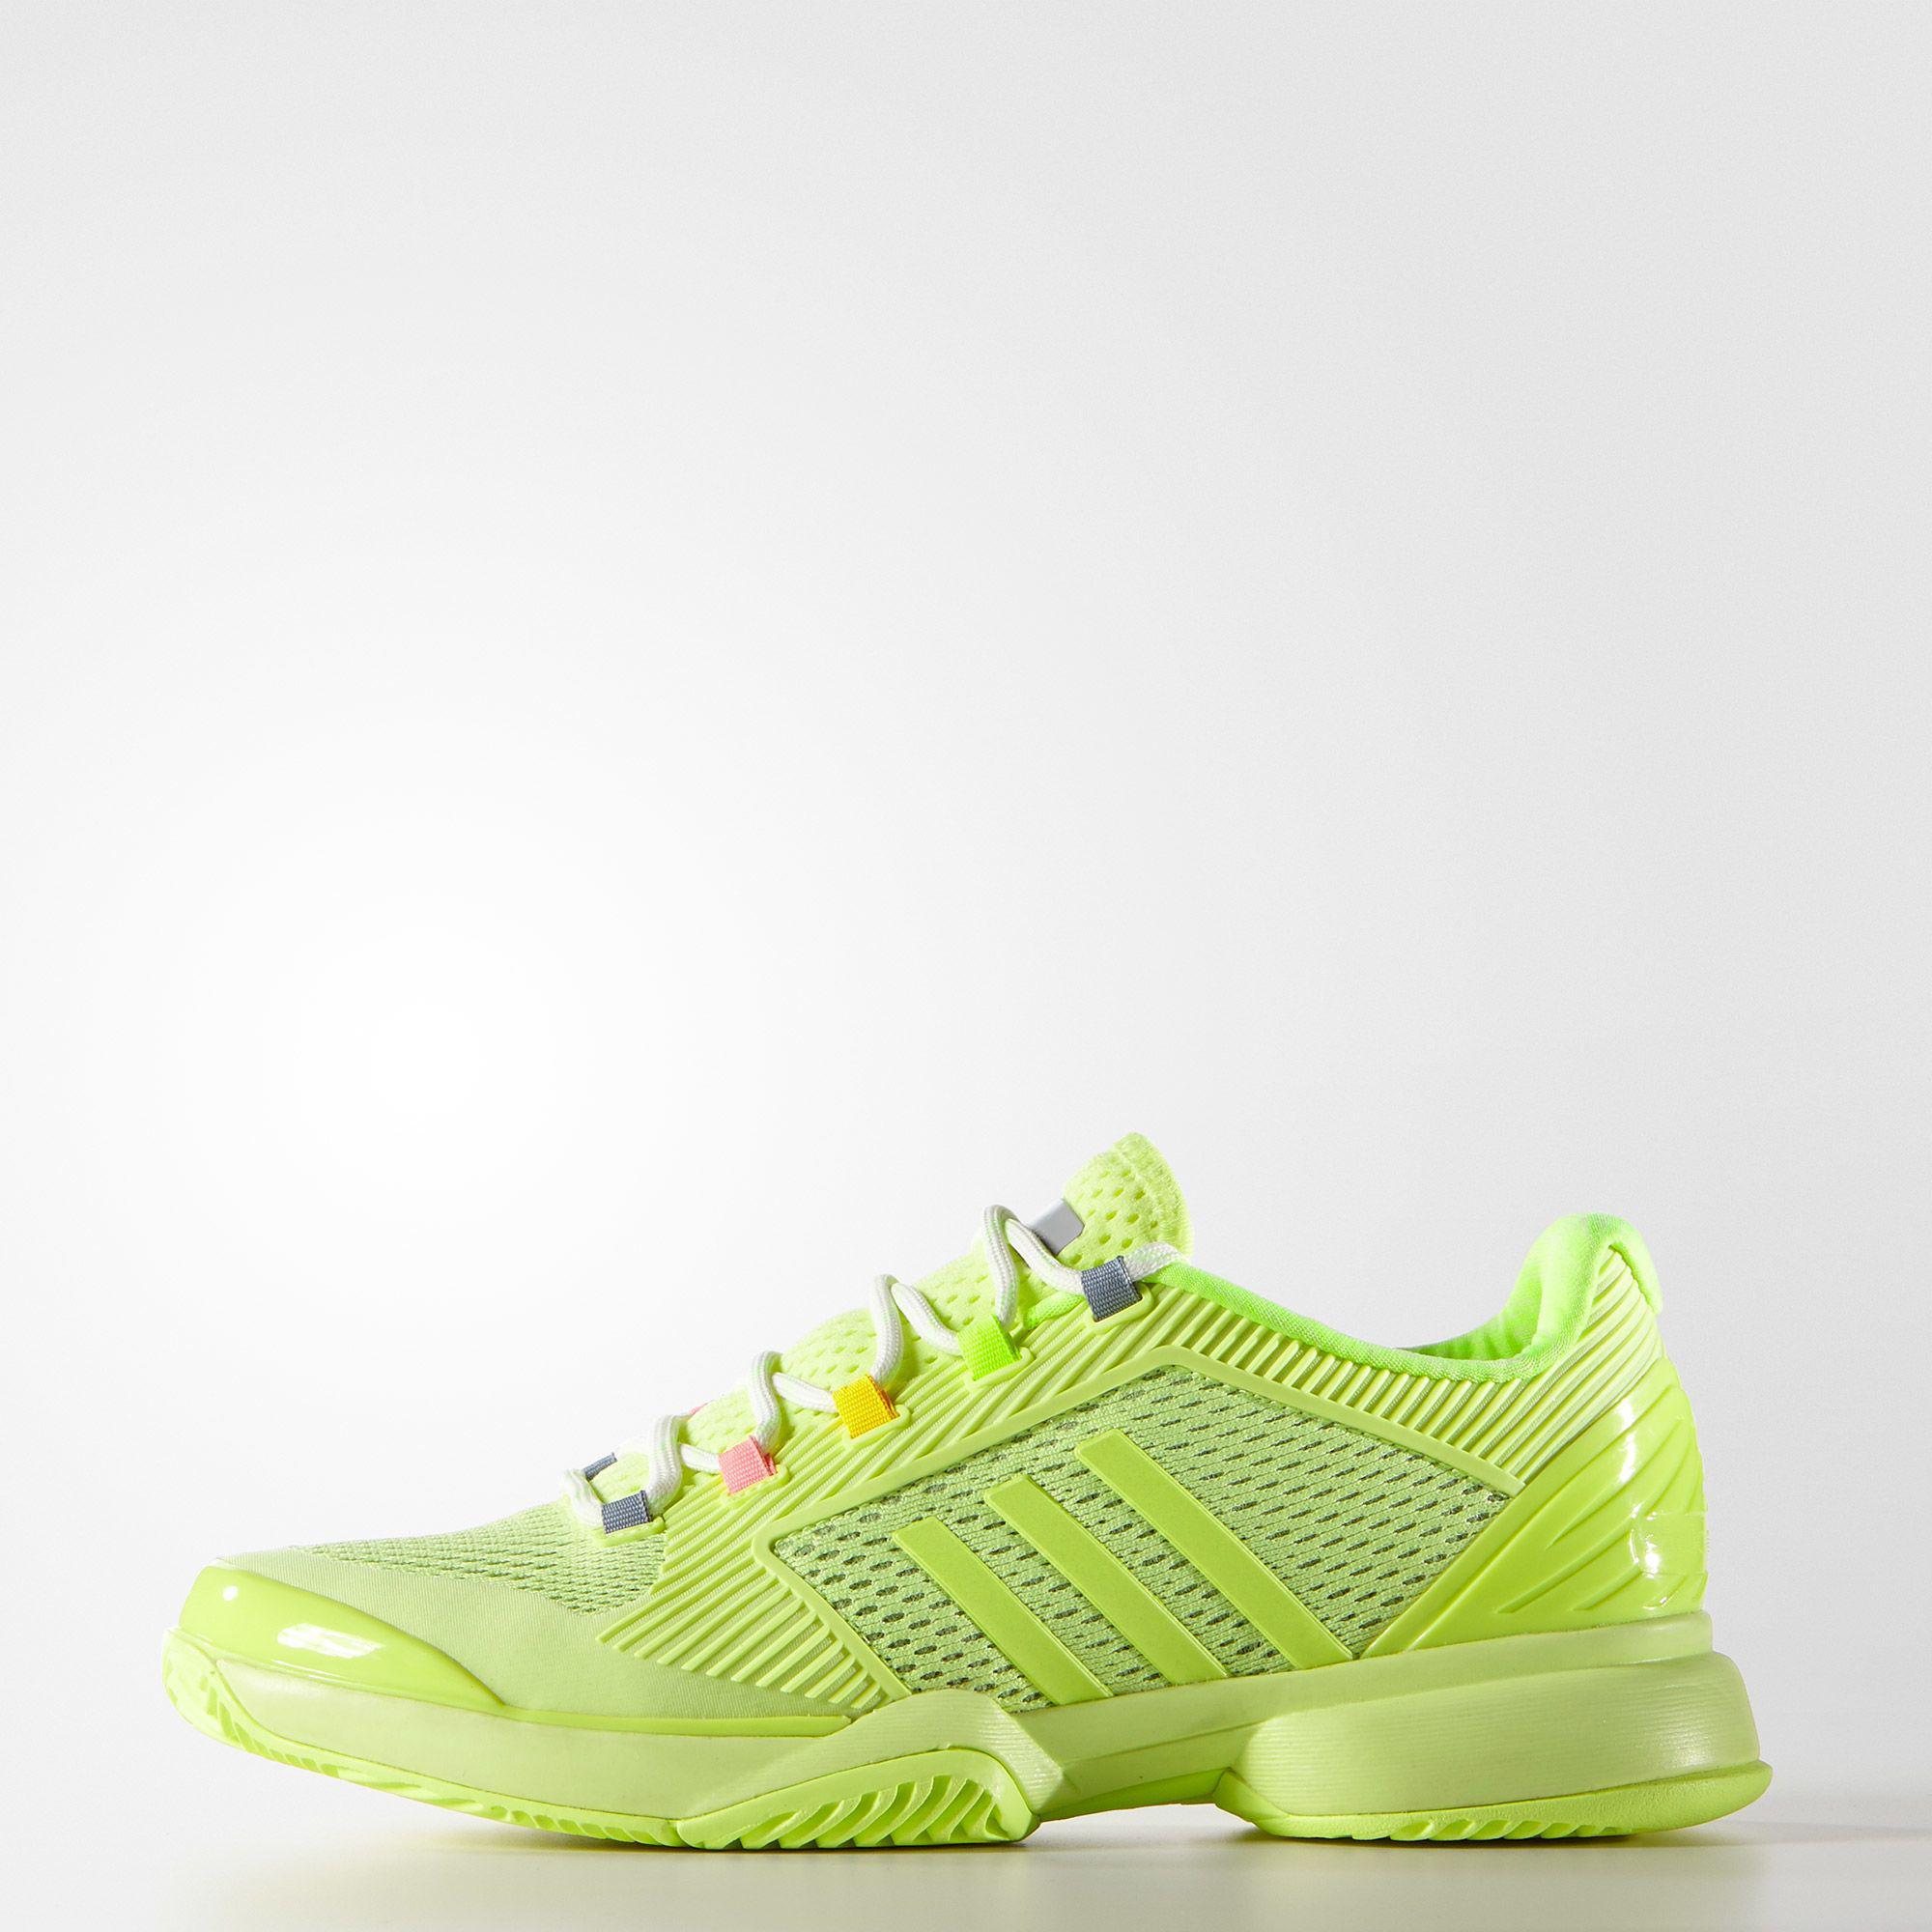 Adidas Stella Barricade 2015 Scarpe Da Donna Di Colore Giallo Bagliore L84iZiHs